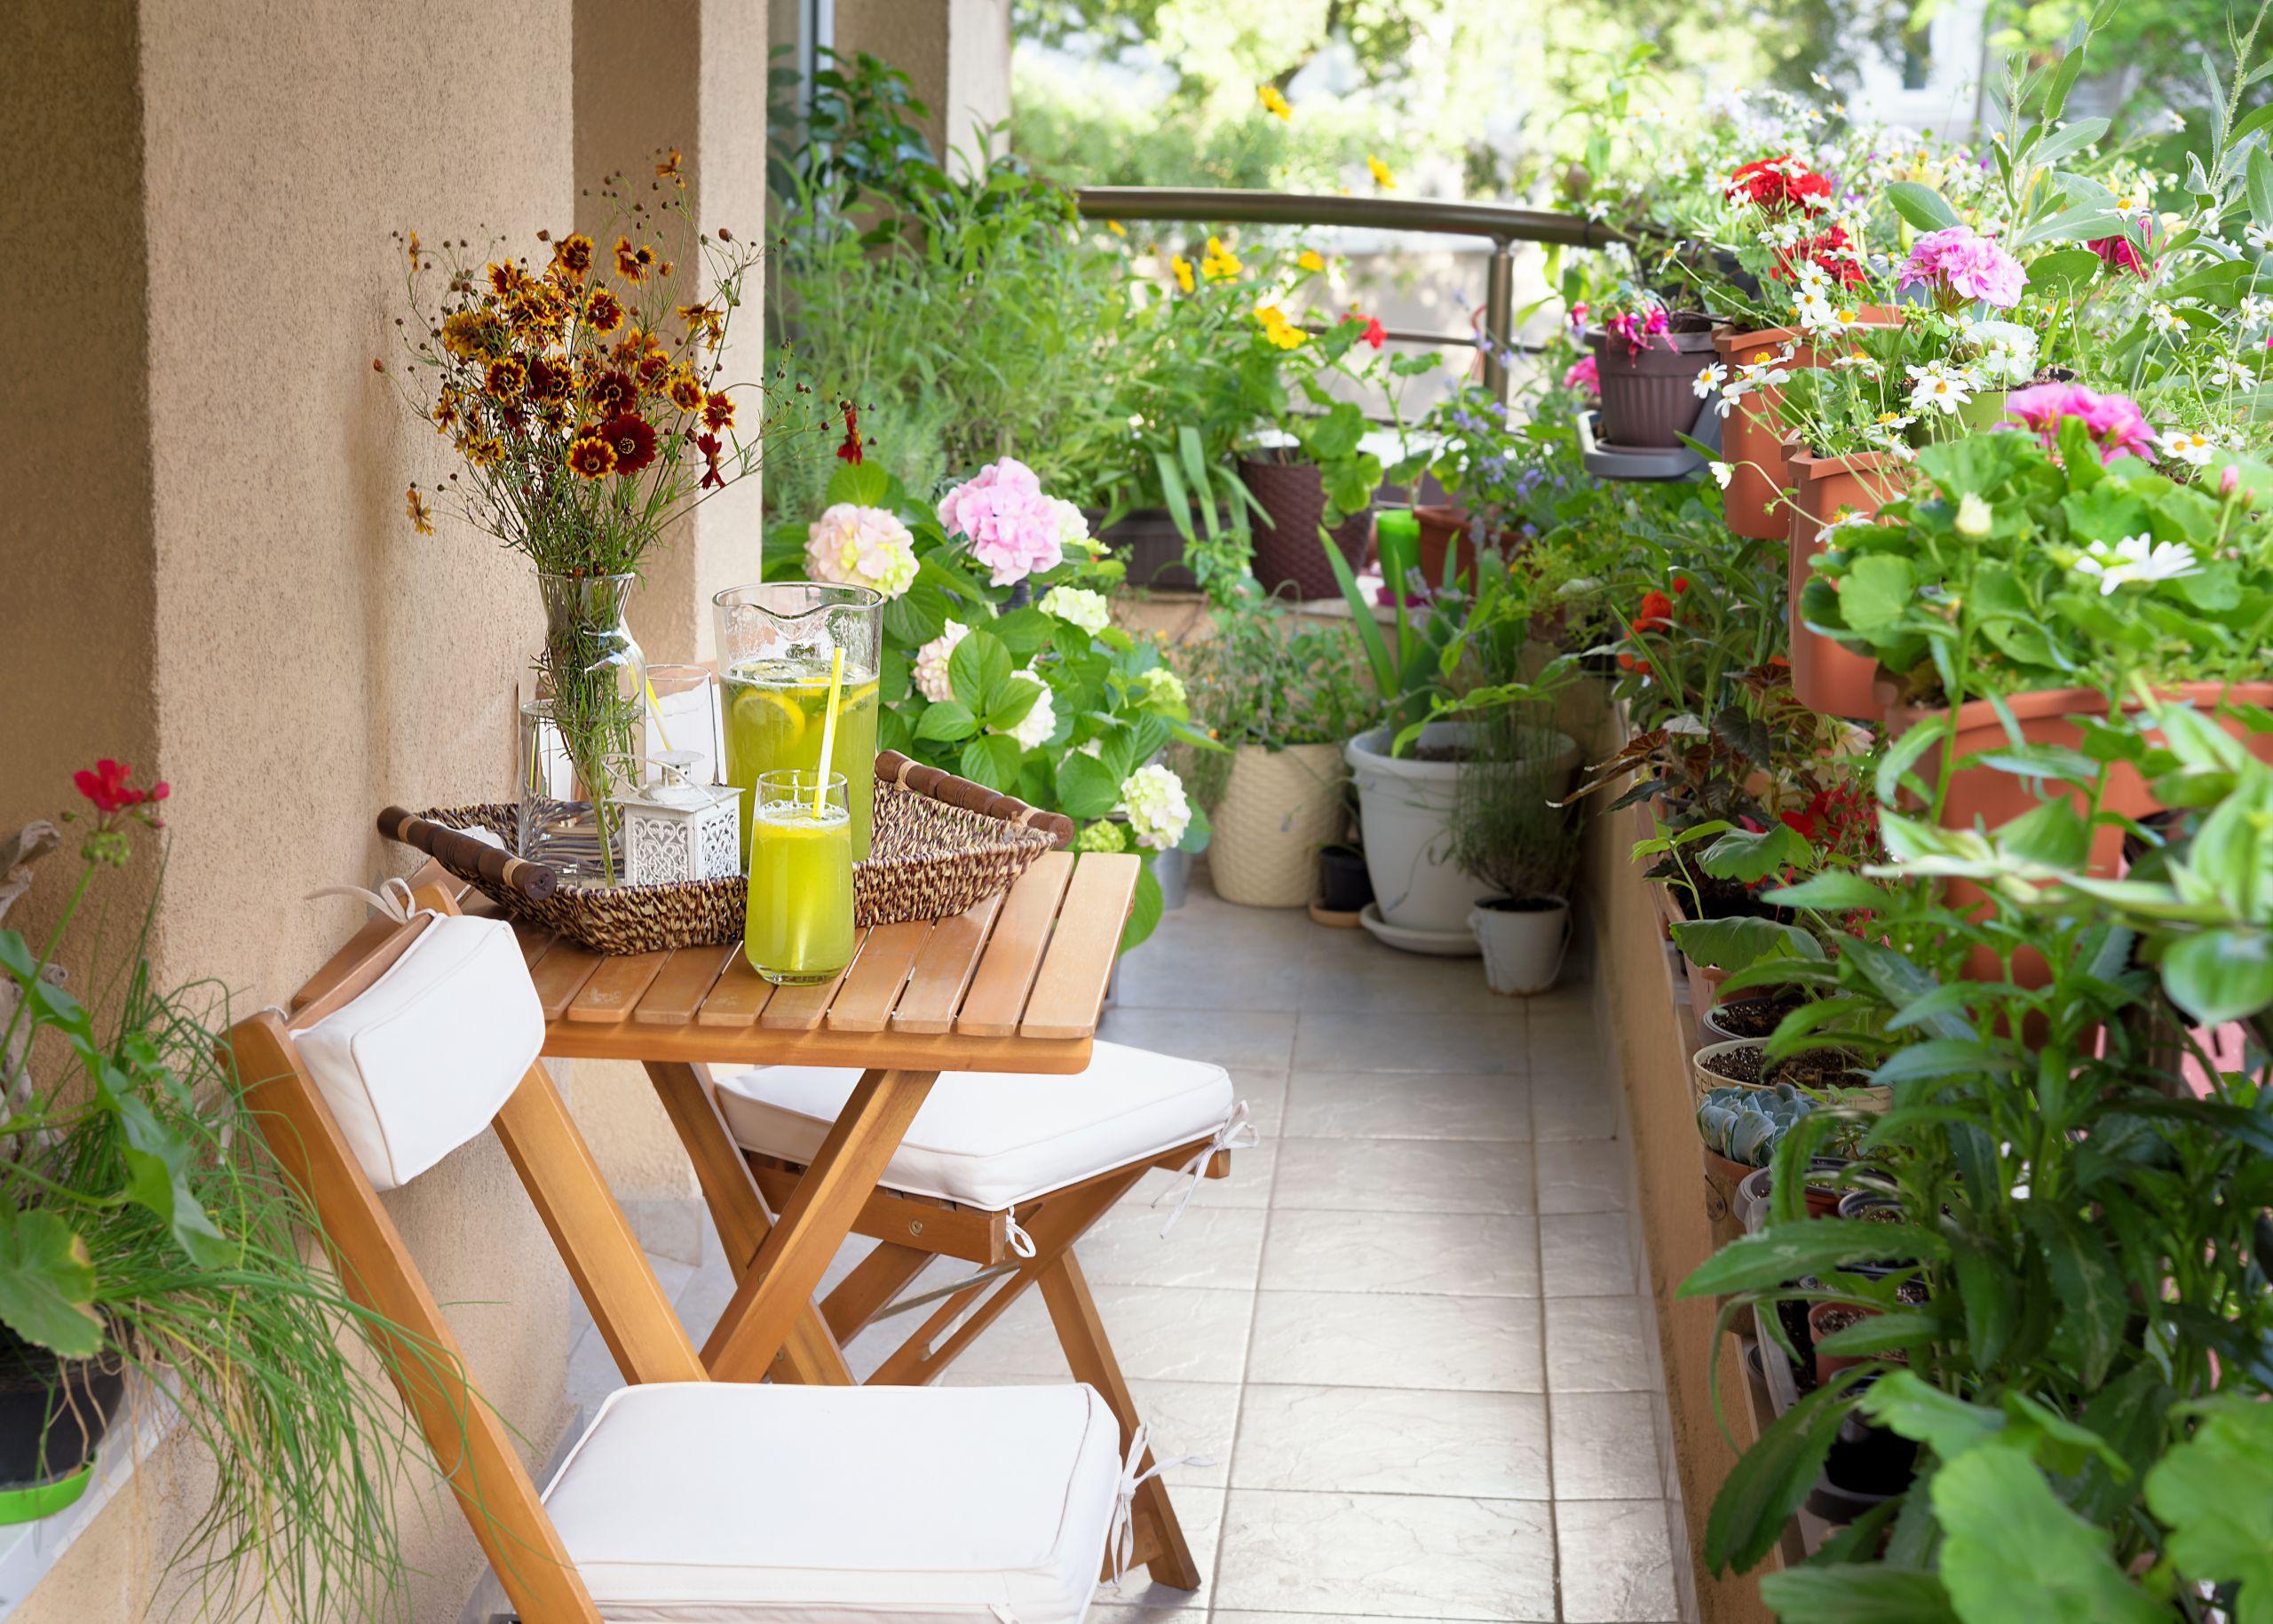 Terrace Landscape Plants  Starting a Terrace Garden or Balcony Garden]